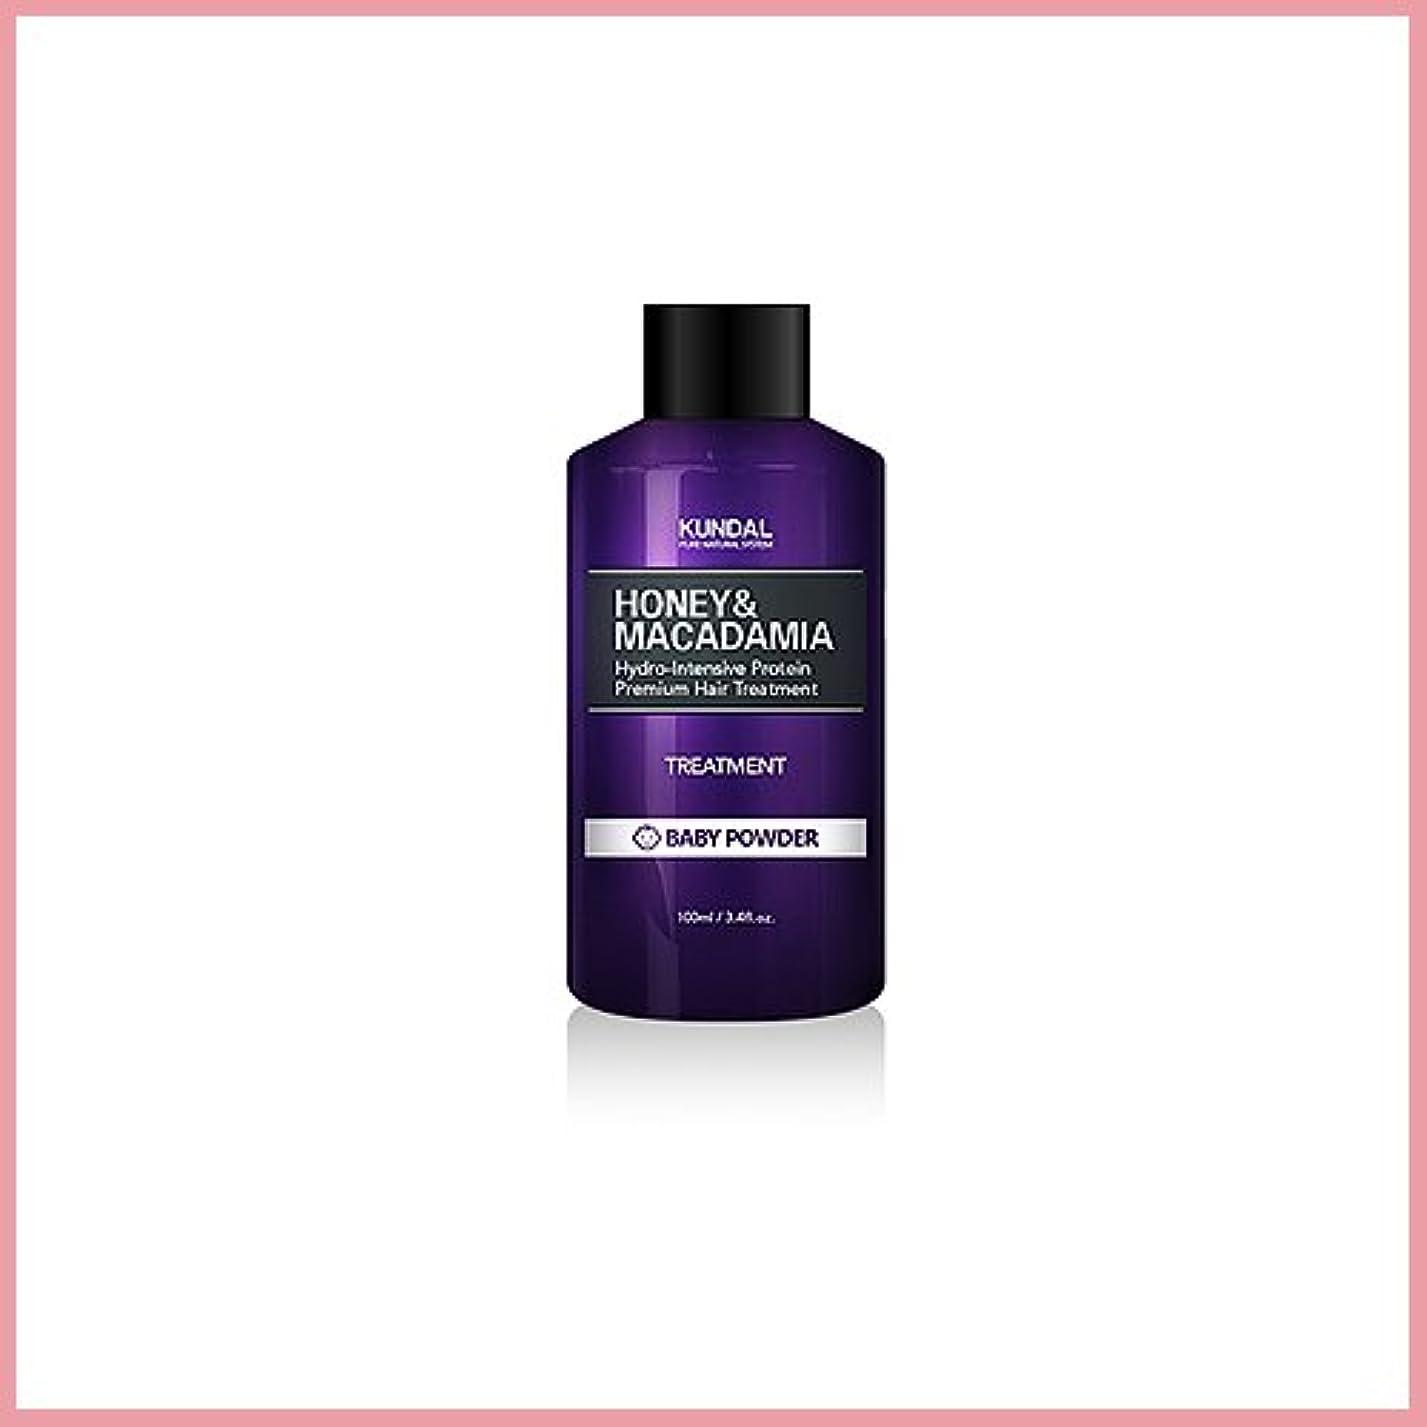 コロニーいちゃつくフェデレーション[KUNDAL/クンダル] Kundal Premium Hair Treatment 100ml [2017年韓国満足度1位][TTBEAUTY][韓国コスメ]